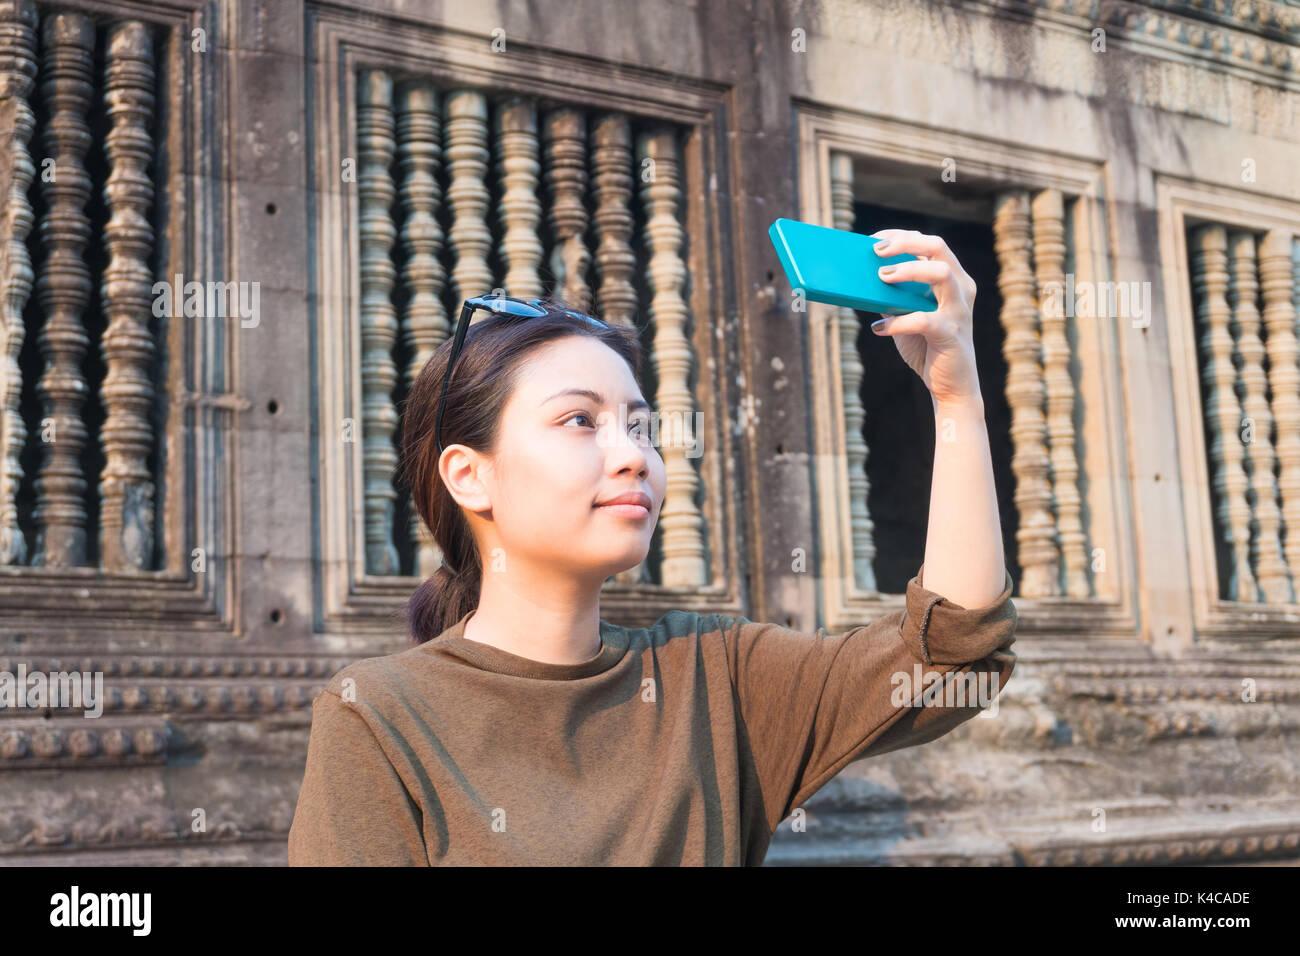 Weibliche Reisende selfie mit Ihrem Smartphone in Angkor Wat Kambodscha siem reap Stockbild